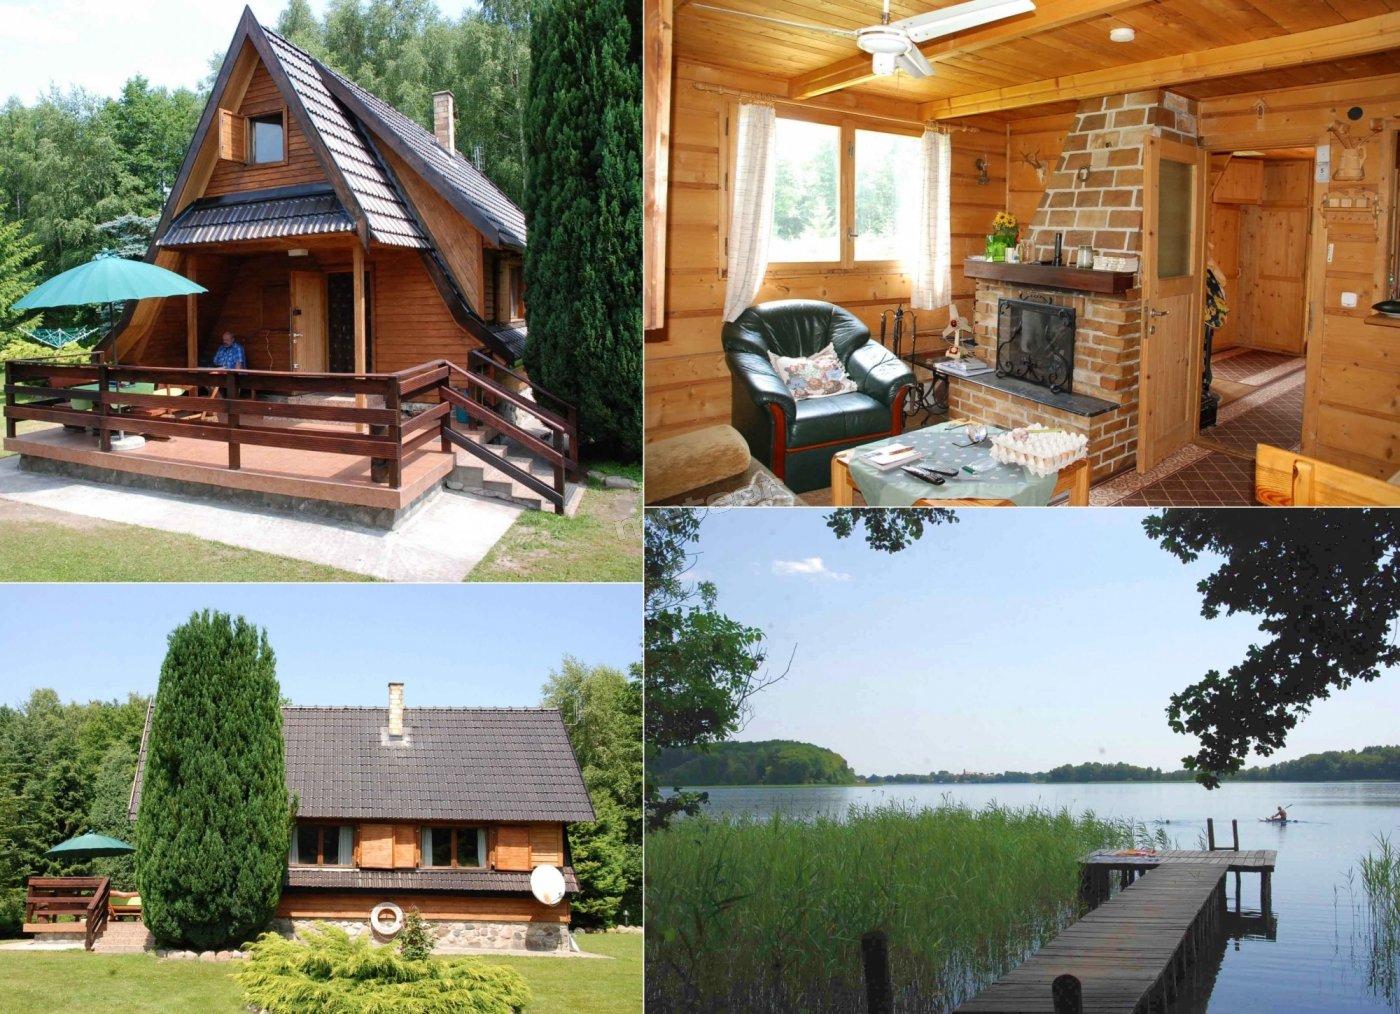 dom nad jeziorem i sko see n renberg domki letniskowe noclegi i sko meteor. Black Bedroom Furniture Sets. Home Design Ideas